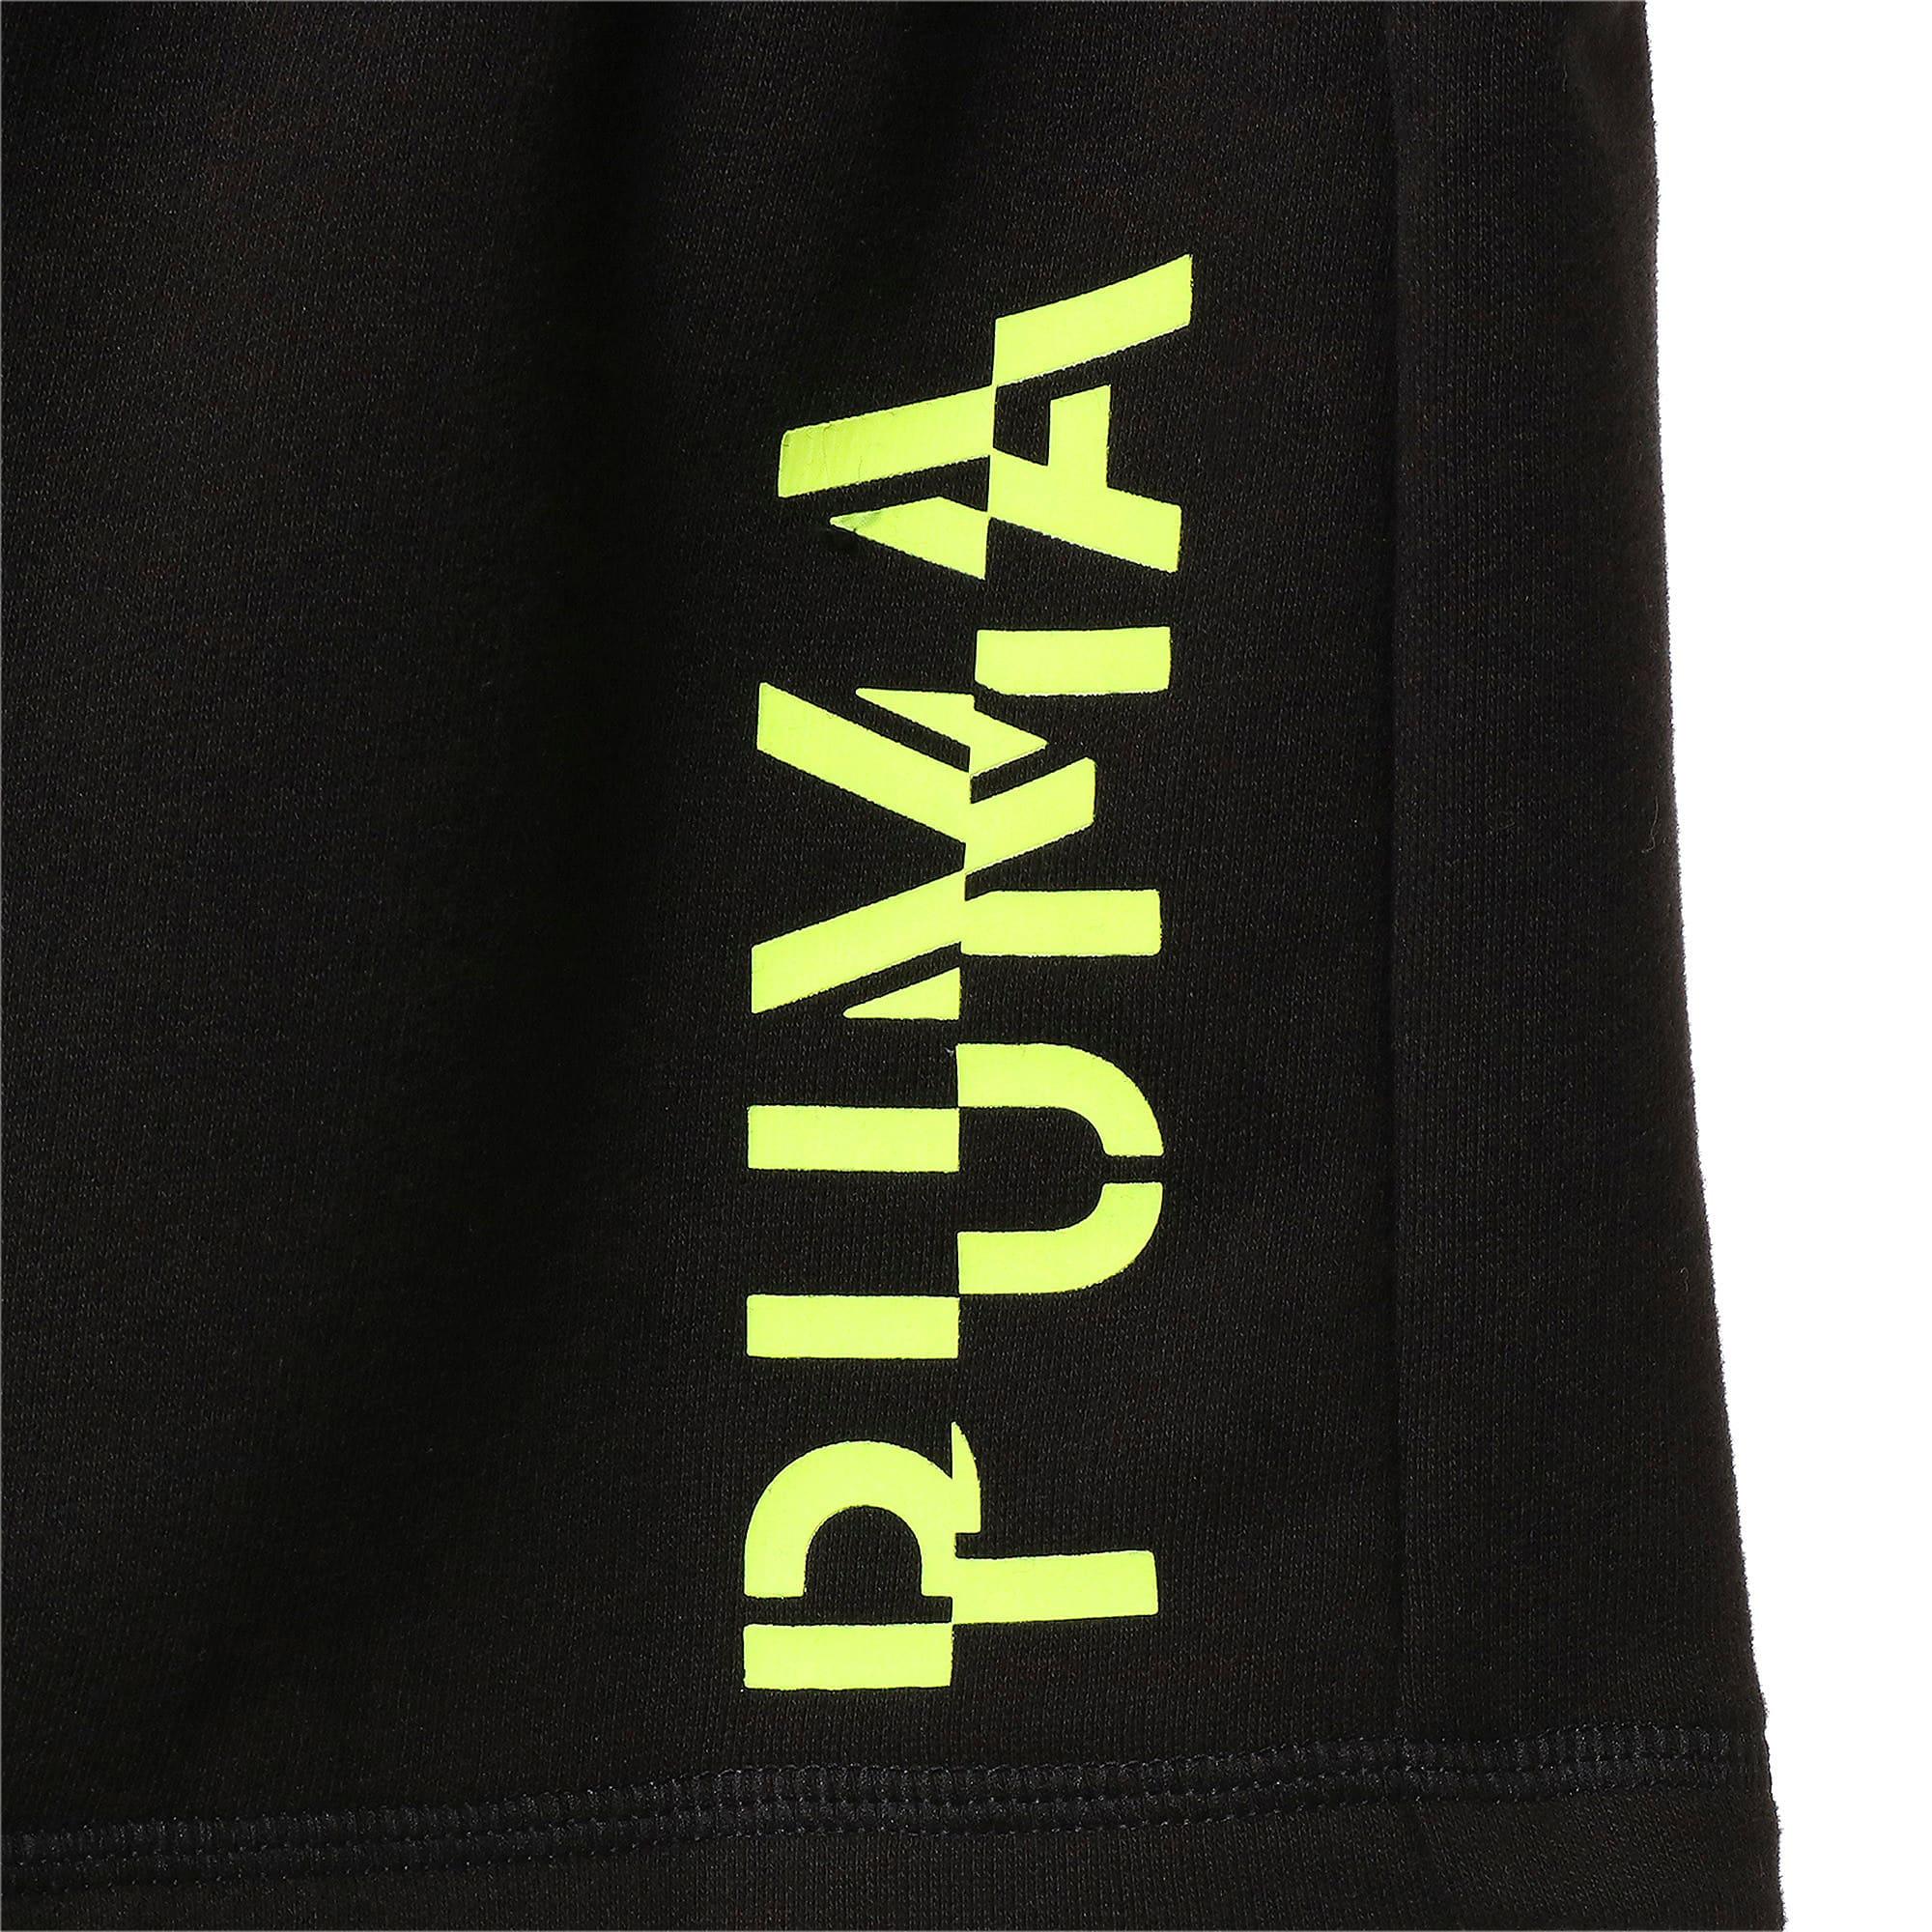 Thumbnail 11 of BE BOLD ウィメンズ トレーニング ショーツ 3インチ, PumaBlack-yellow alert'PUMA', medium-JPN